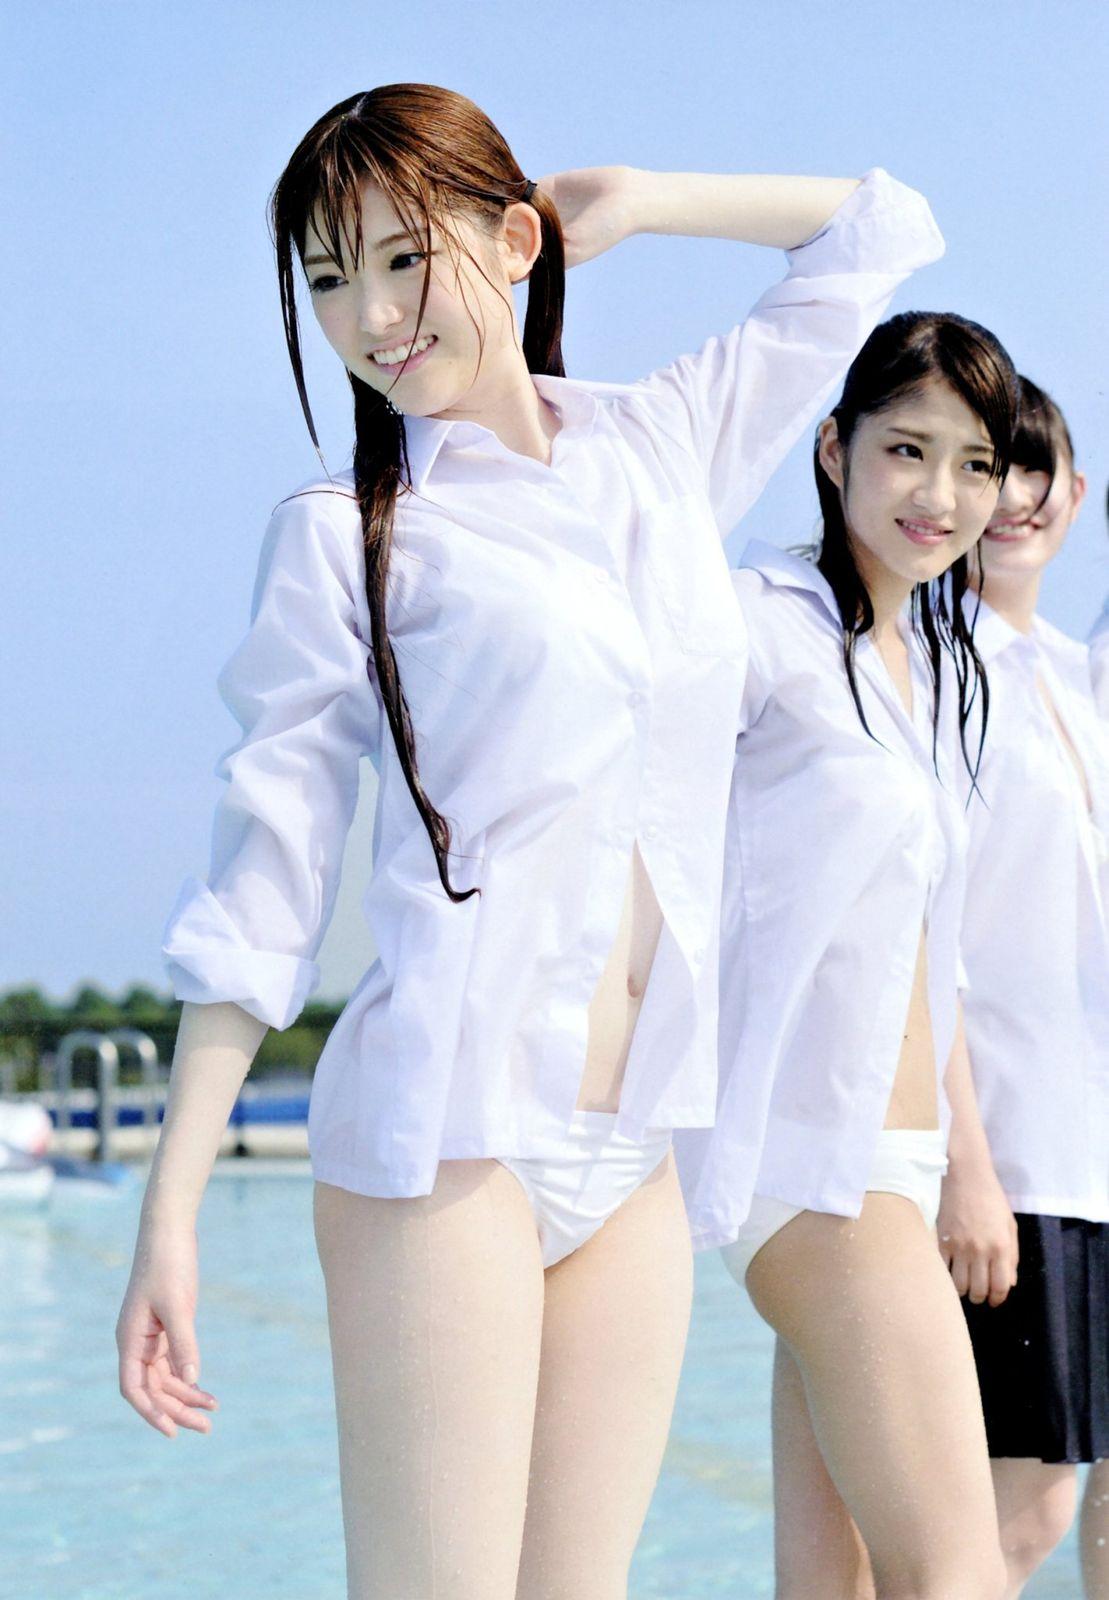 乃木坂46松村沙友理の写真集水着姿のエロ画像100枚・54枚目の画像